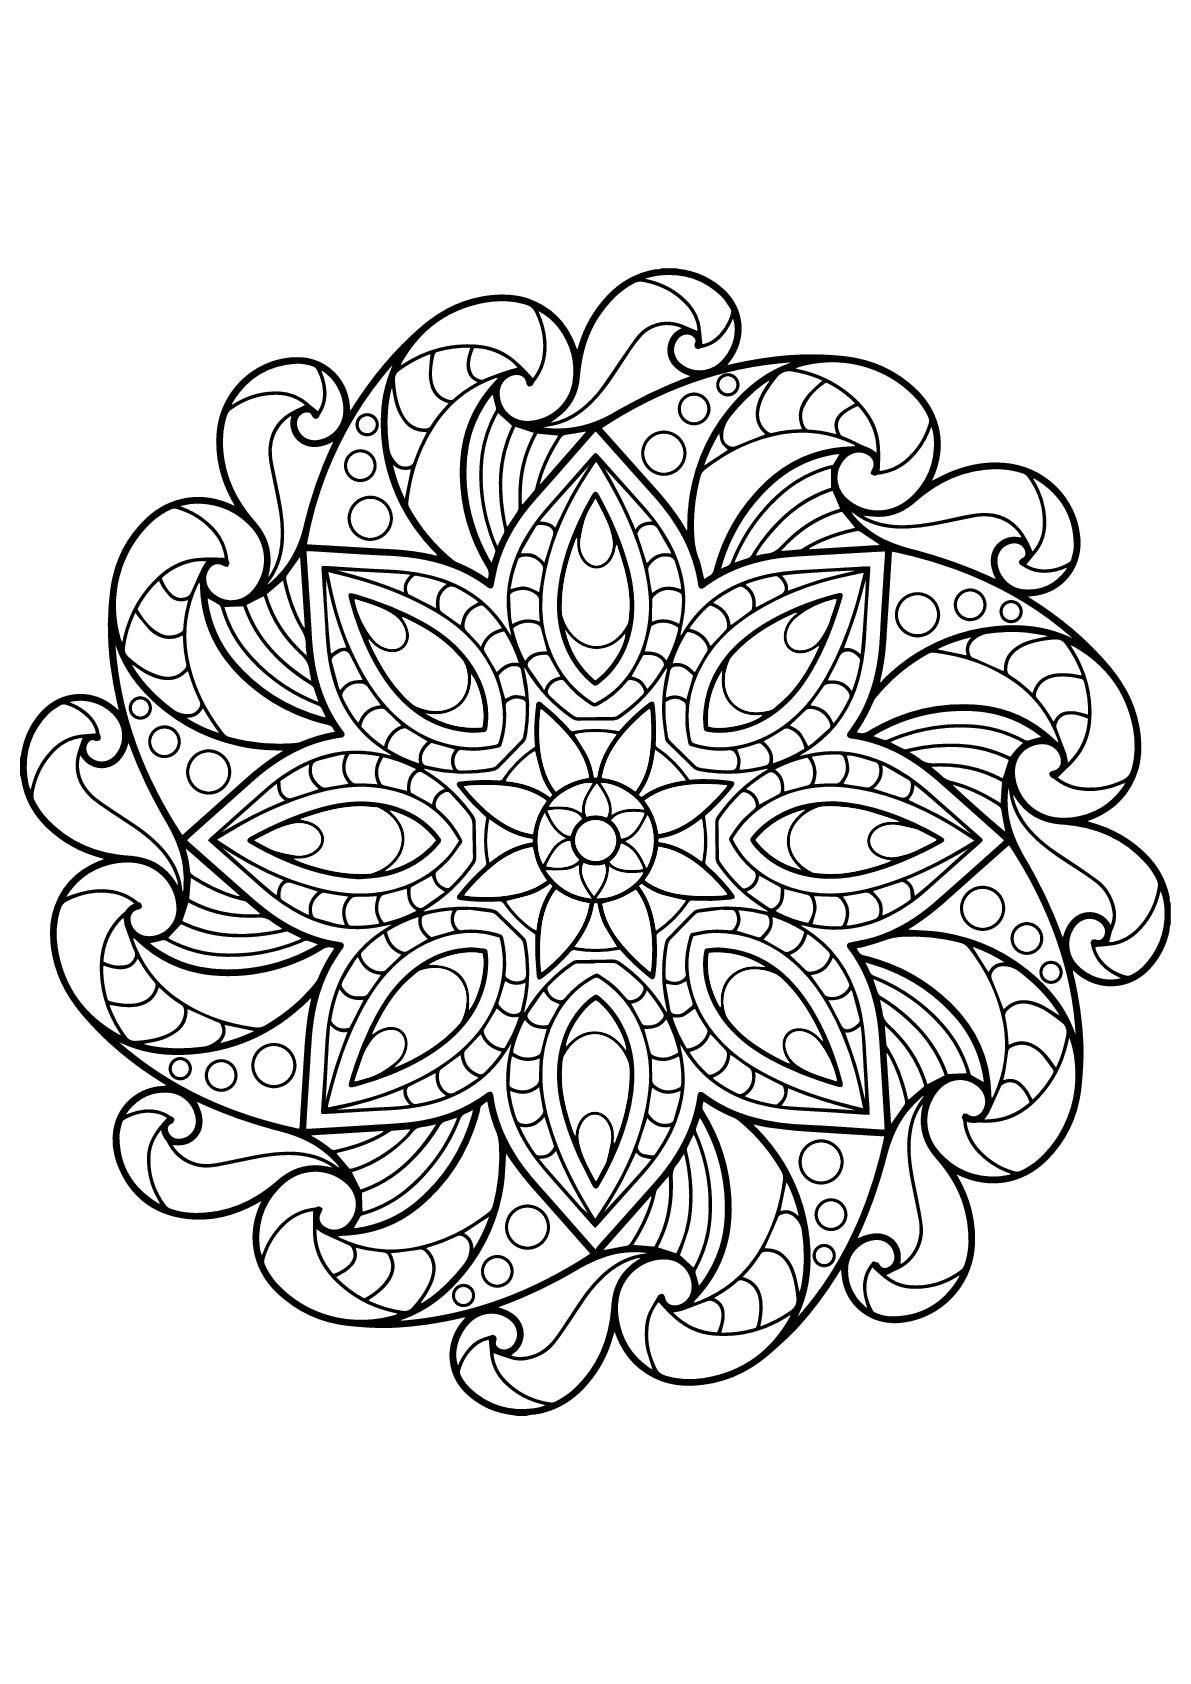 Mandala livre gratuit 2 mandalas coloriages difficiles pour adultes - Mandalas a colorier pour adultes ...